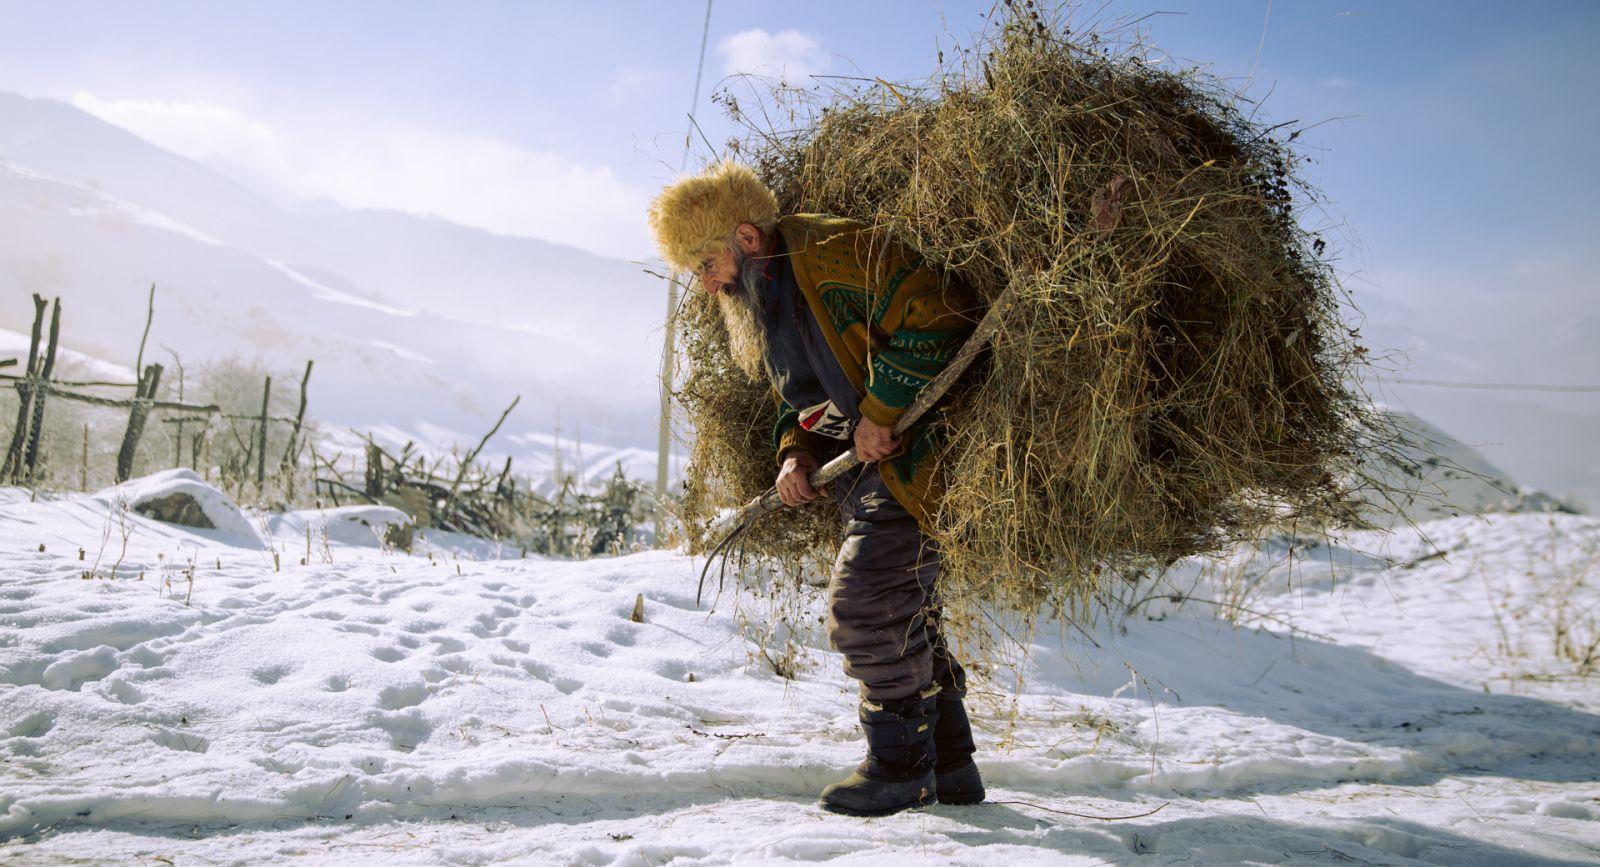 Серия фотографий «Горец Виктор Амбалов», © Заур Тедеев, Финалист фотоконкурса «Самая красивая страна – 2018»